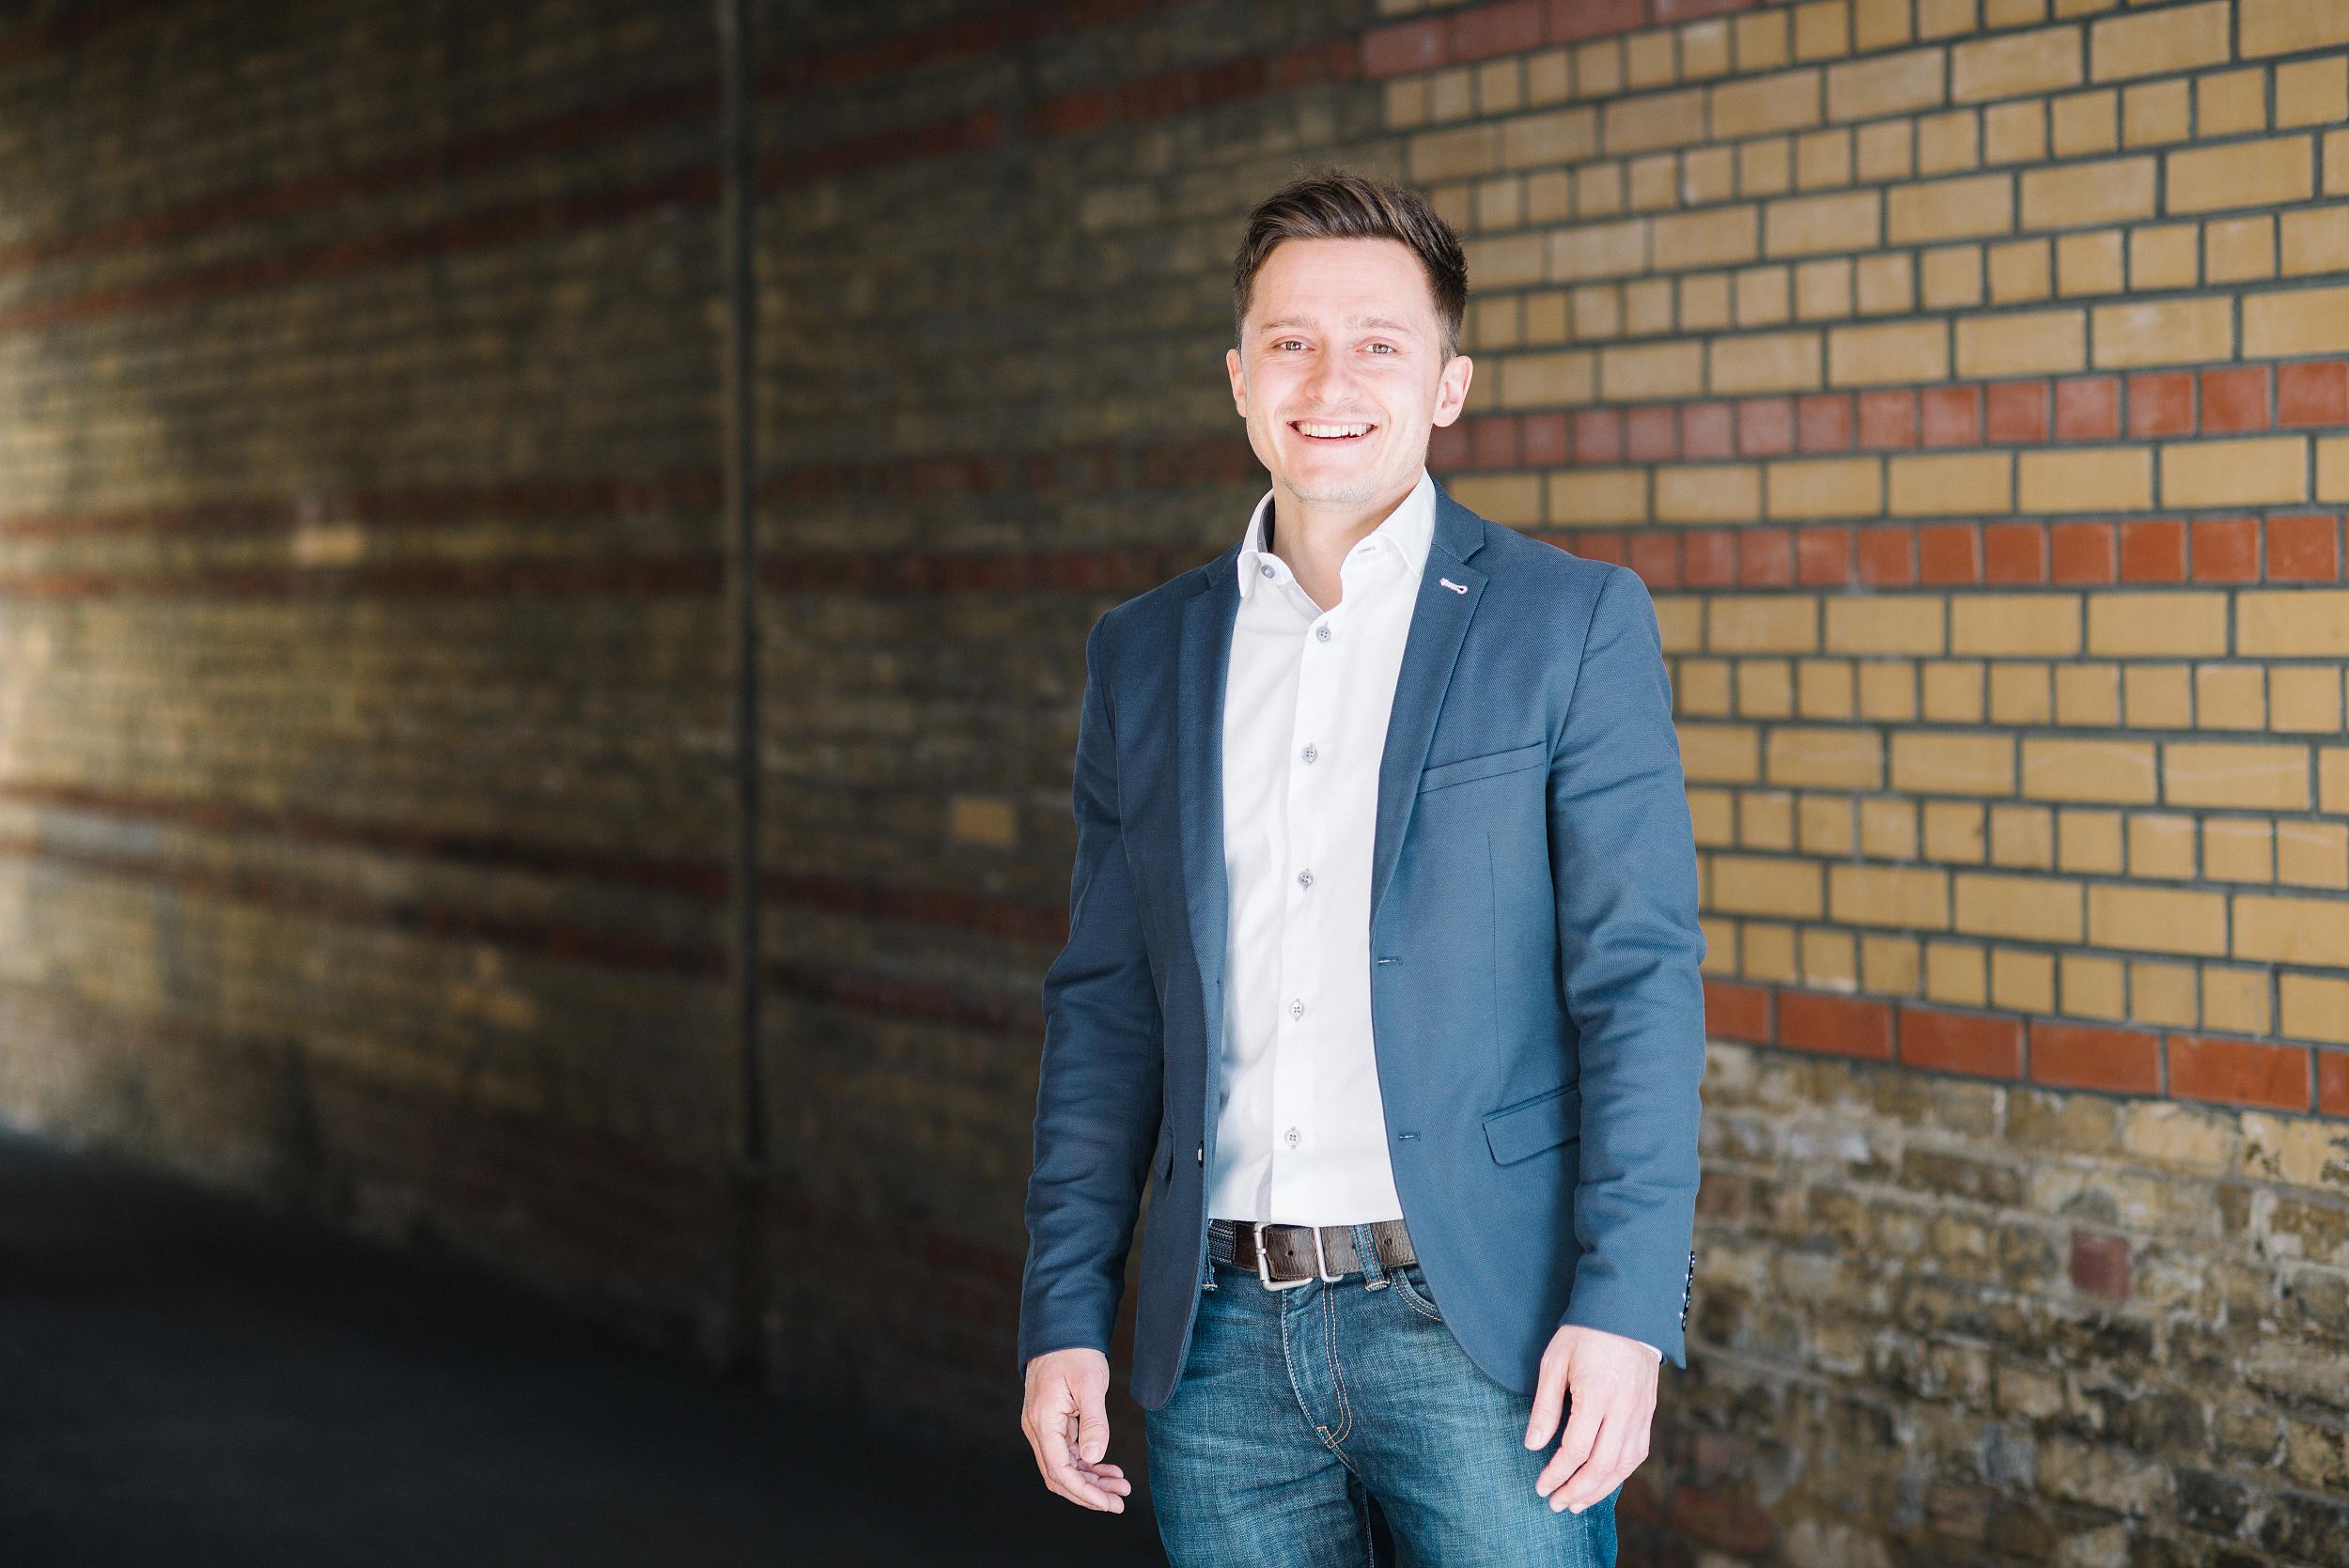 Companisto stellt sich vor - Interview mit Robert Kunz | Companisto Blog